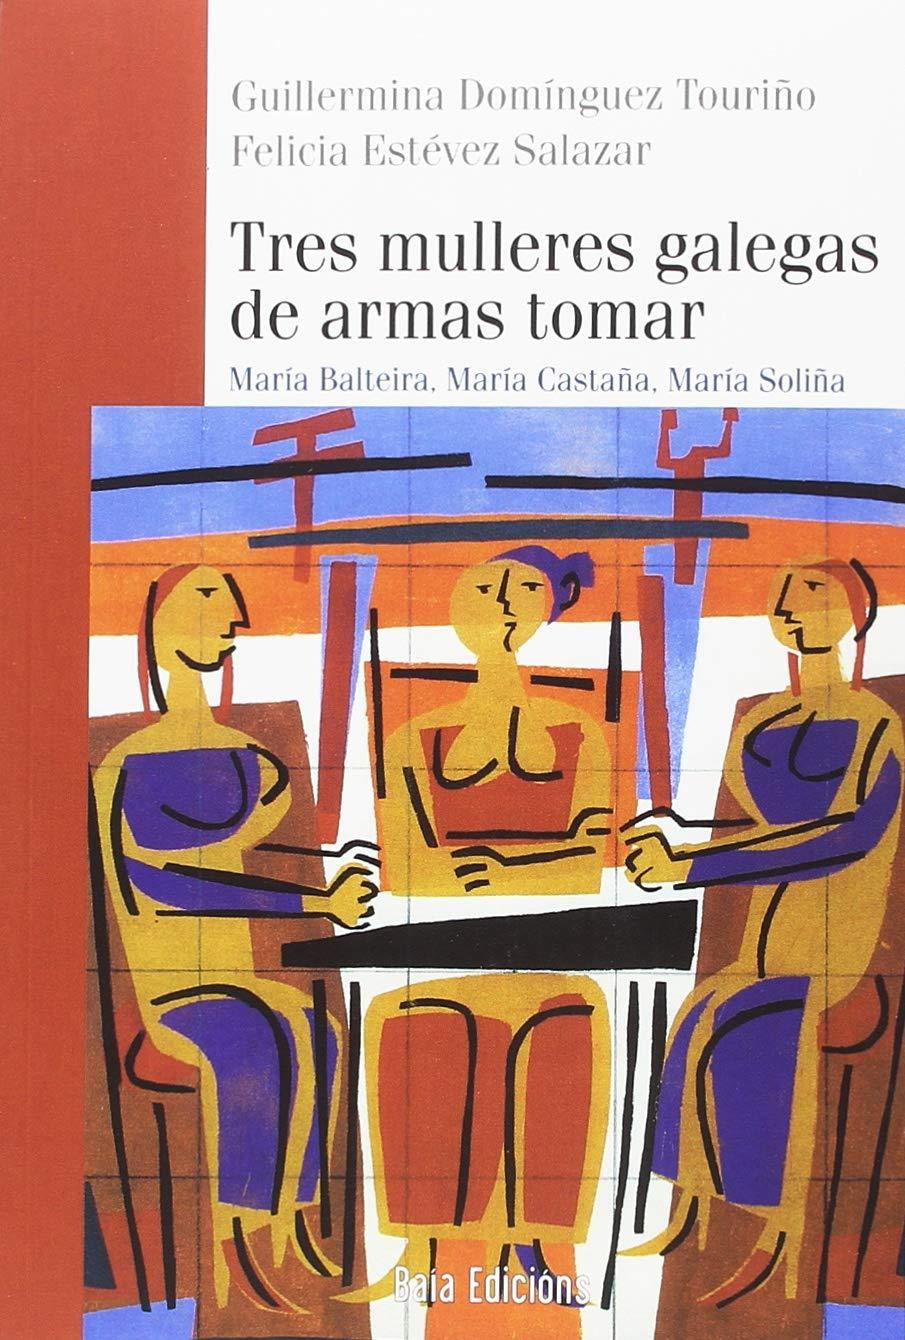 Tres mulleres galegas de armas tomar: María Balteira, María Castaña, María Soliña (Baía Ensaio) (Gallego) Tapa blanda – 20 jun 2017 Felicia Estévez Salazar 8499952860 Literary essays Galician (Gallego